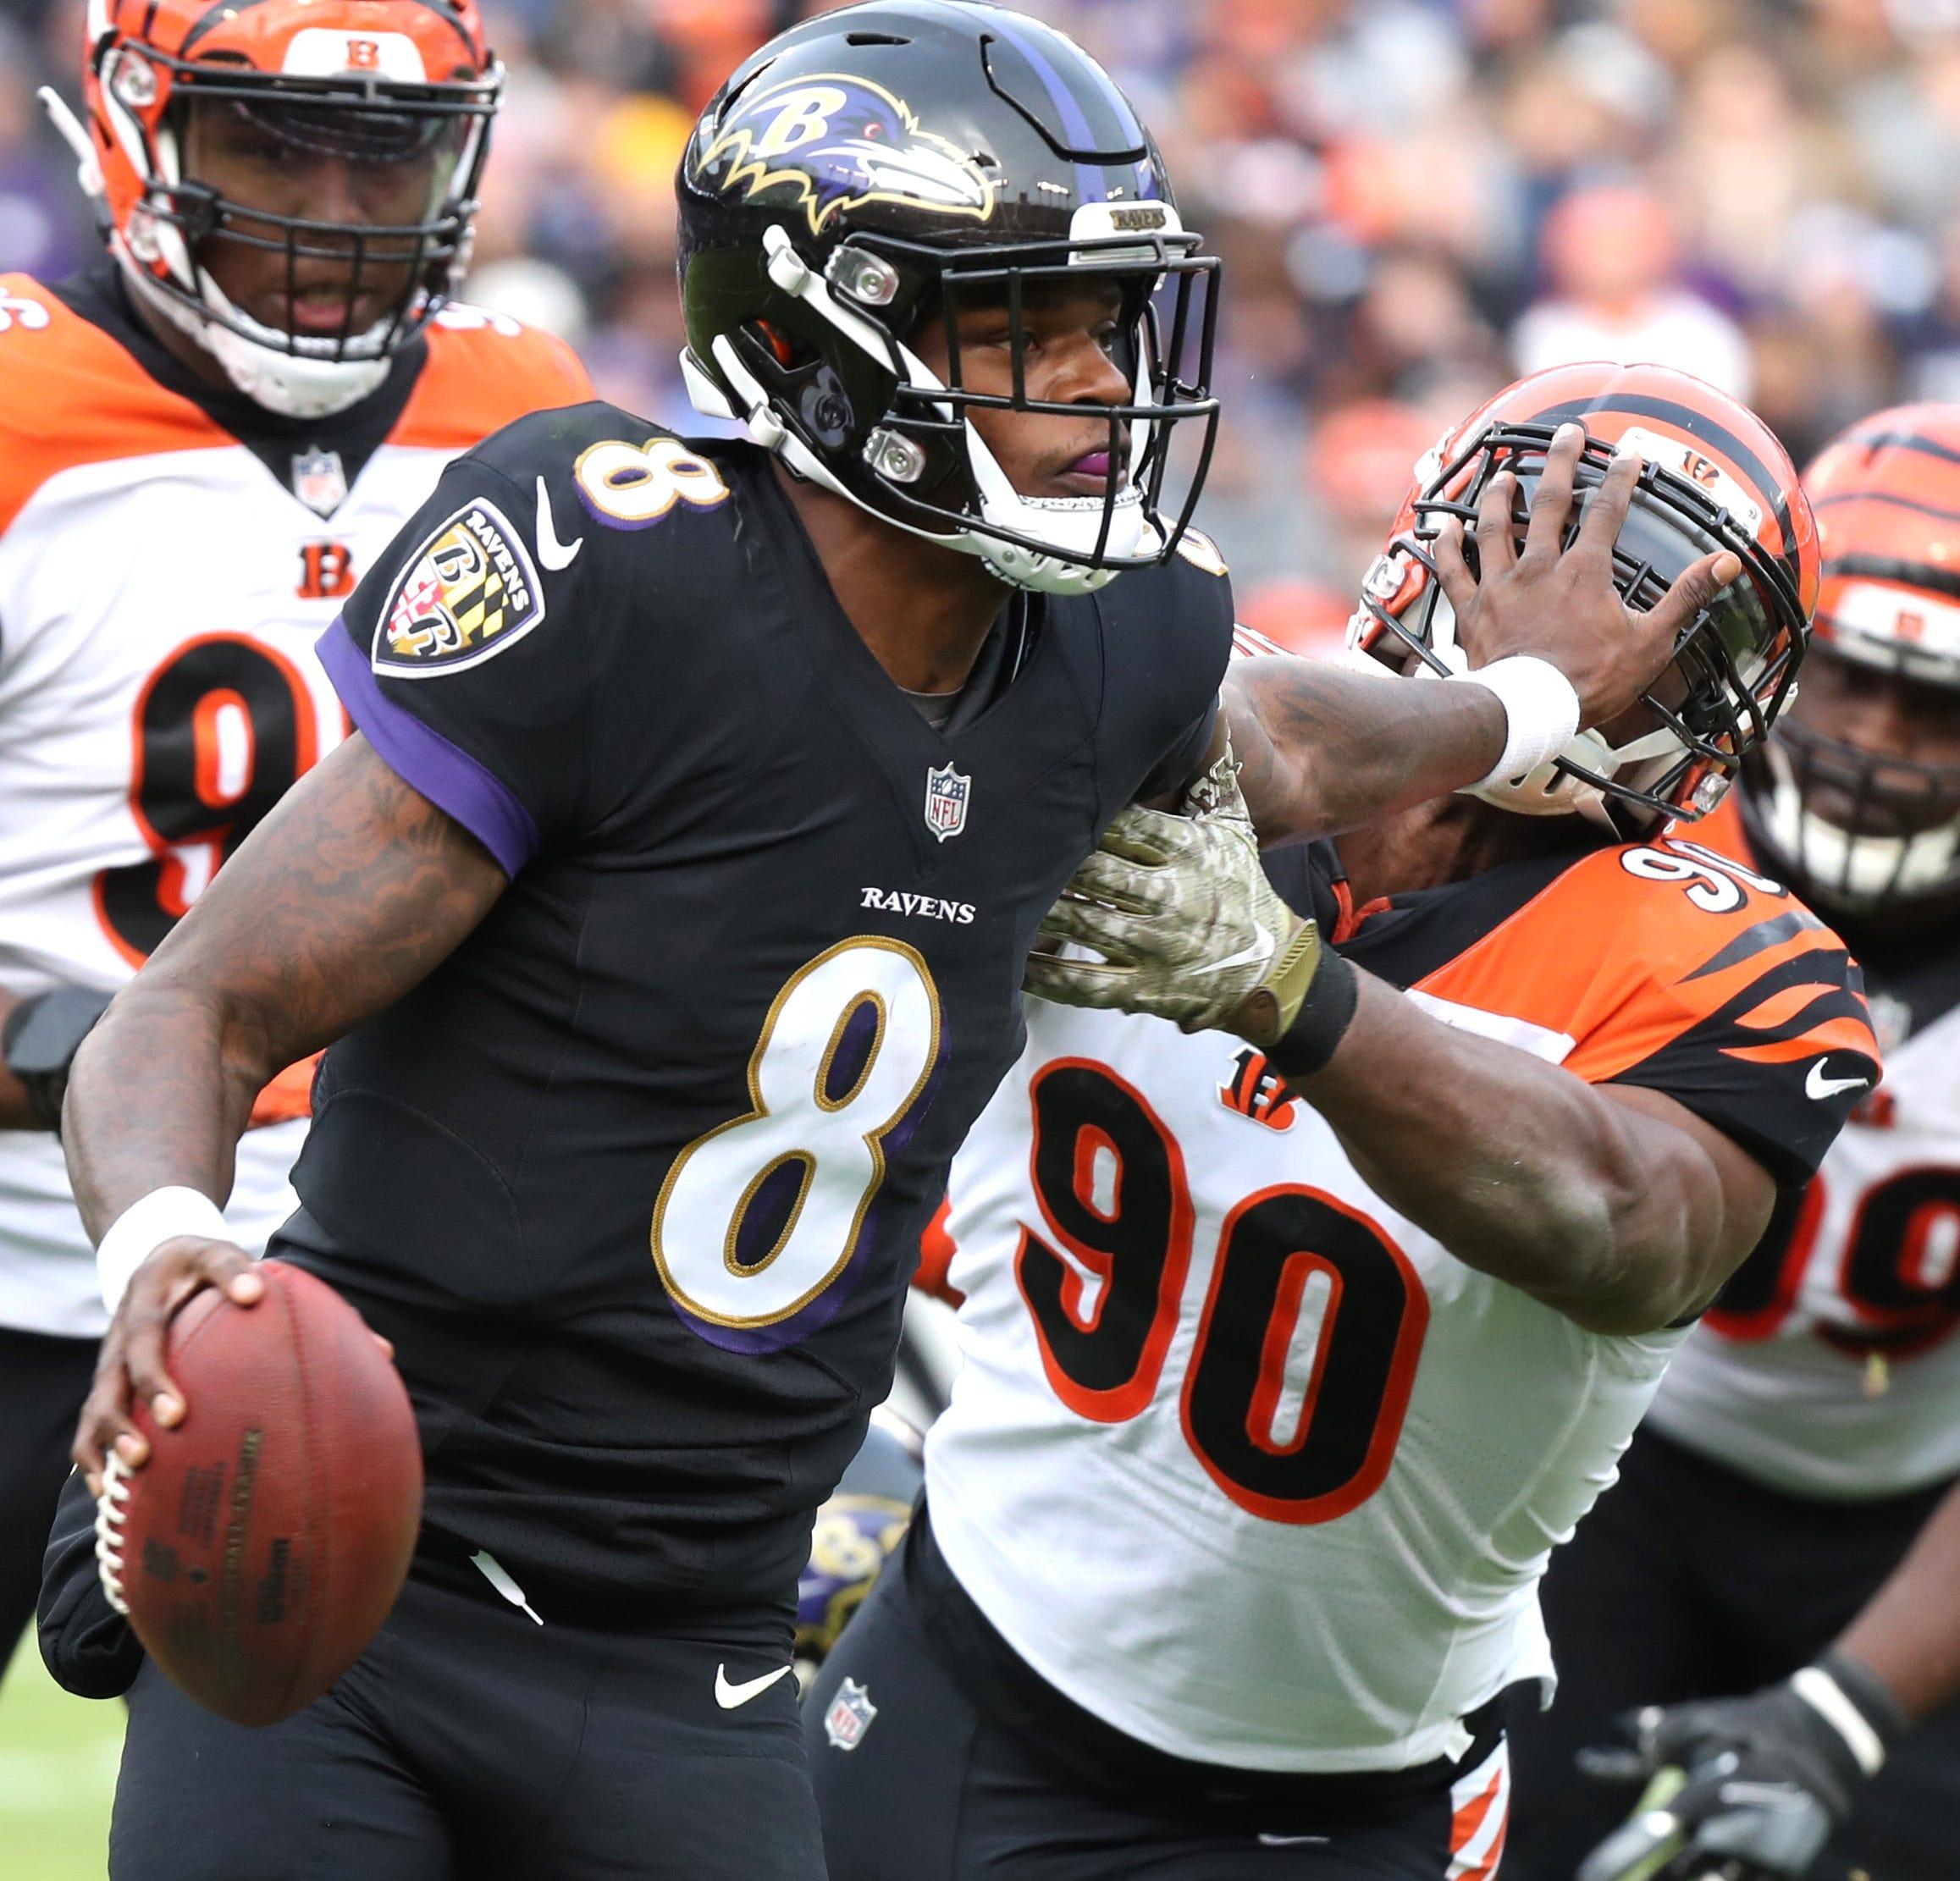 Nfl Cincinnati Bengals At Baltimore Ravens